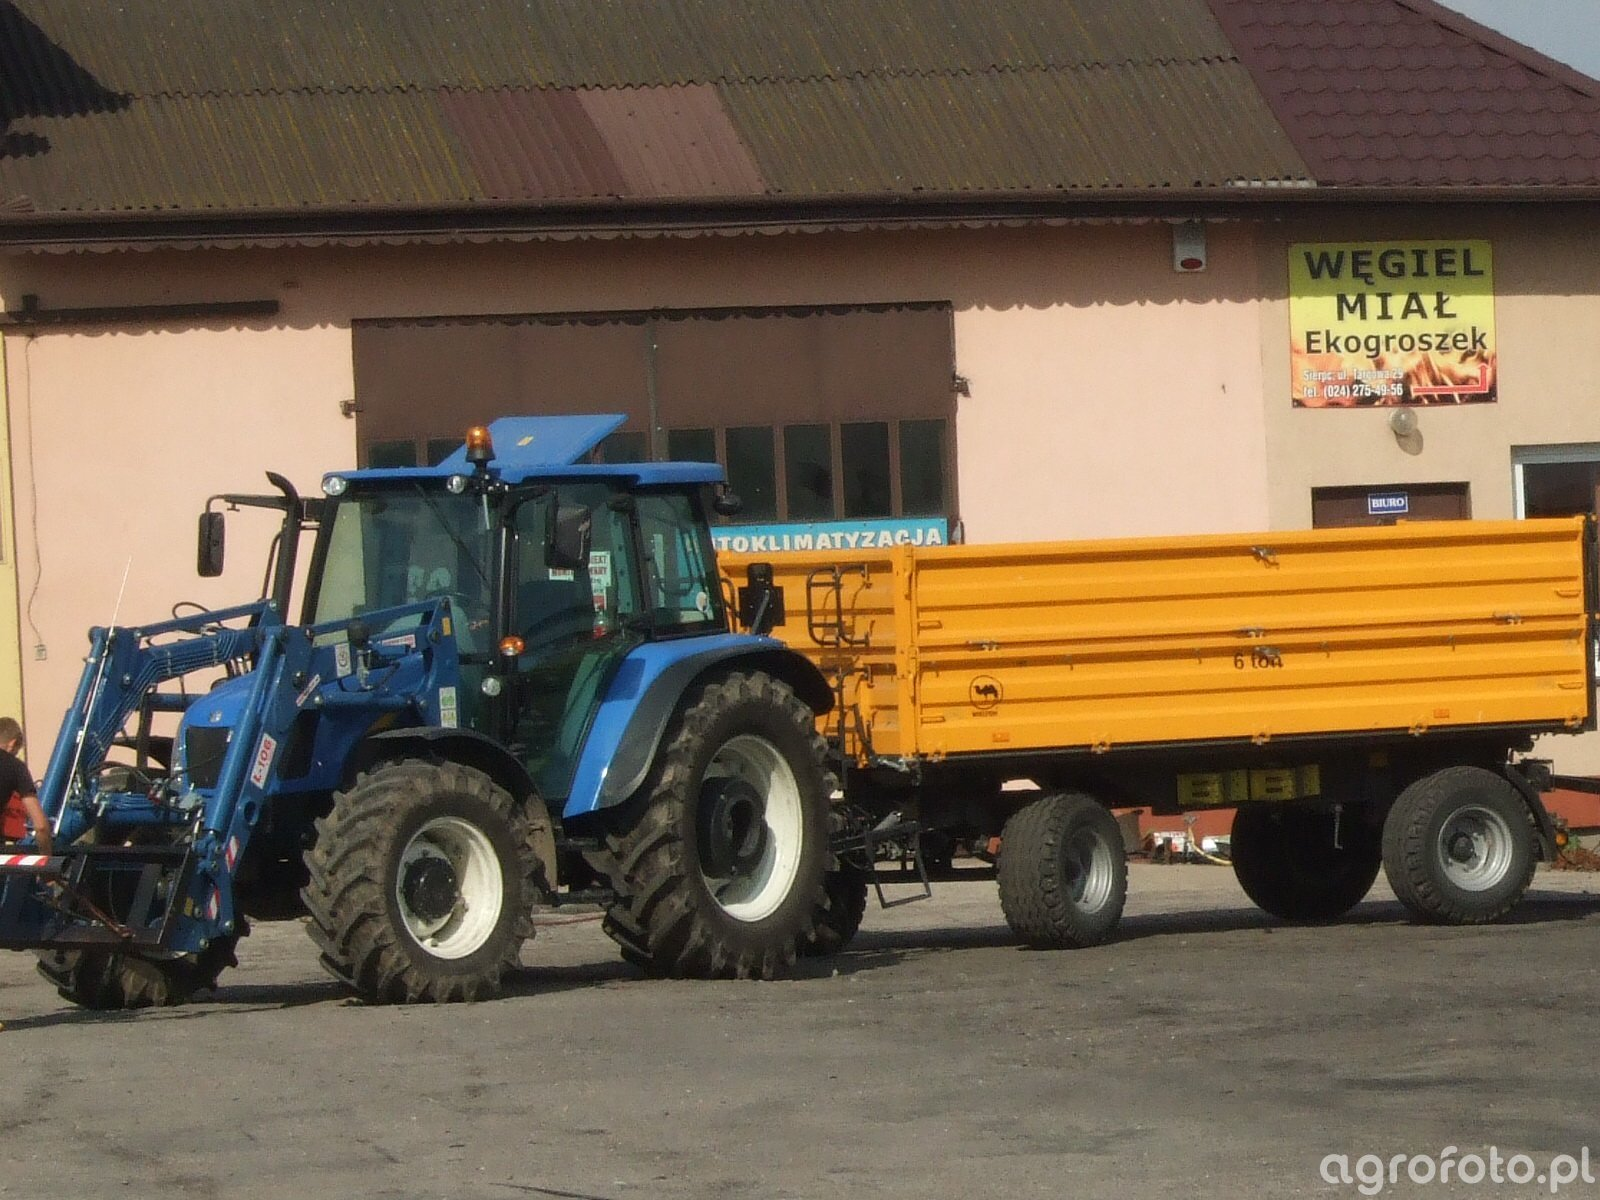 NH T5050 & Wielton 6t